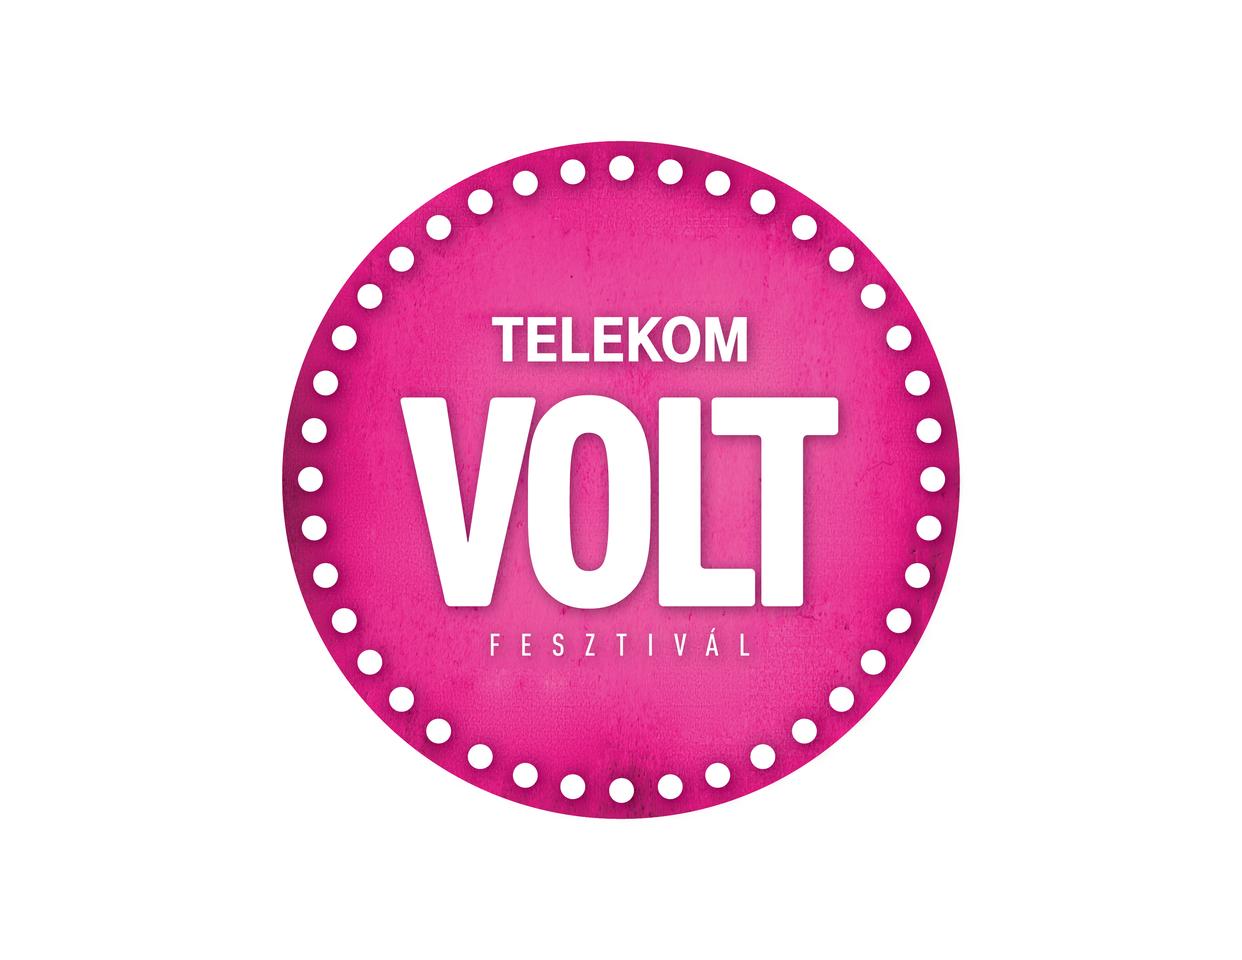 logo_volt2018_preview.png